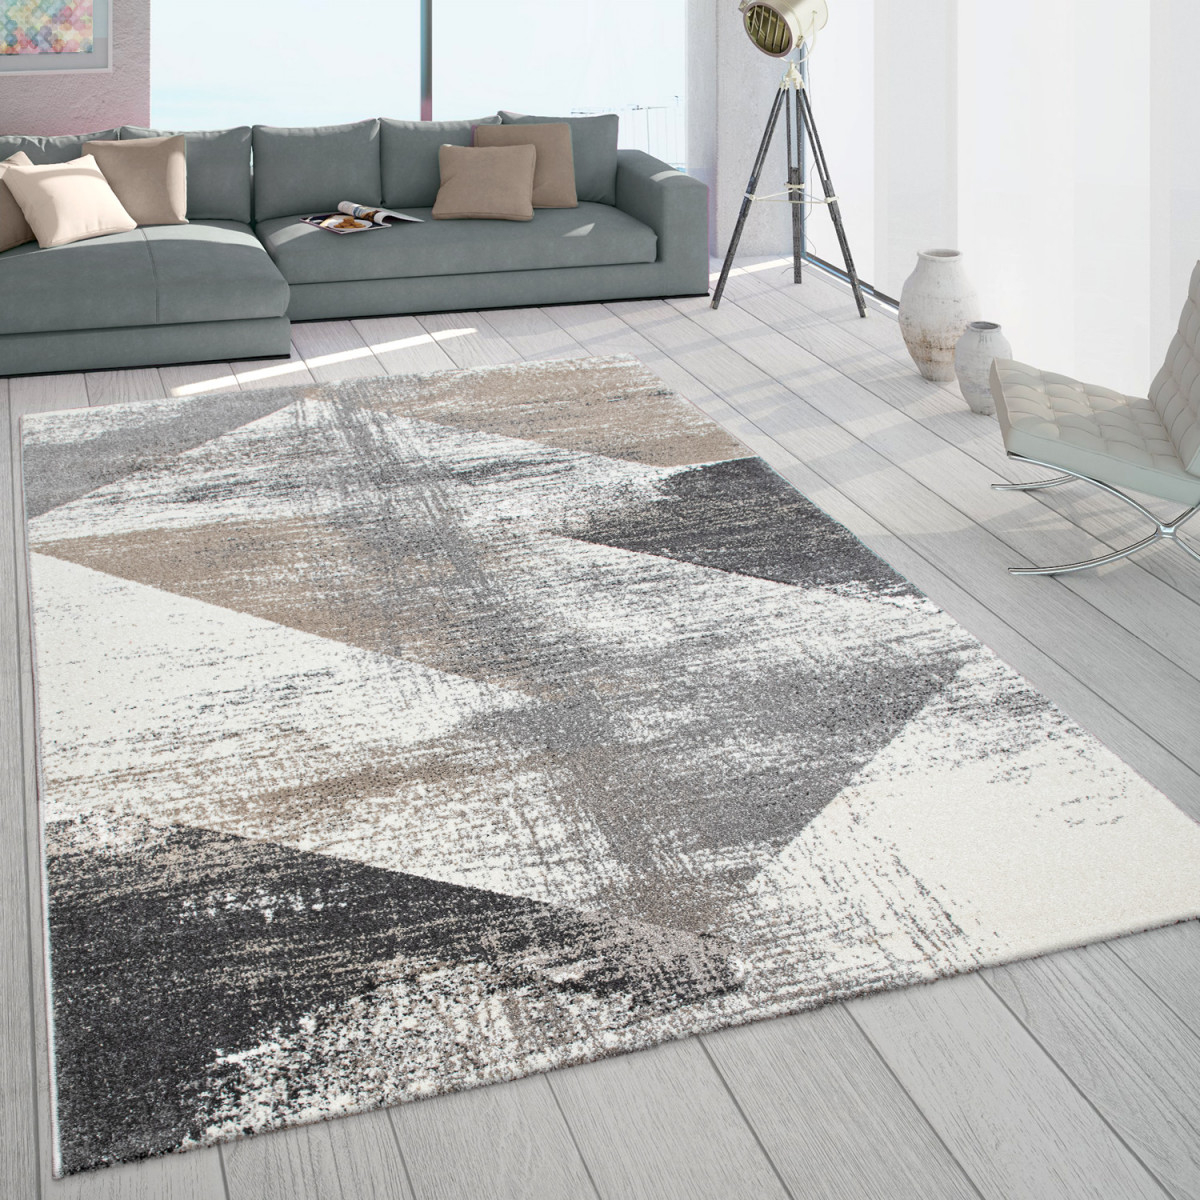 Teppich Wohnzimmer Kurzflor Vintage Design Abstraktes Muster Pastell Grau  Beige von Teppich Wohnzimmer Grau Bild